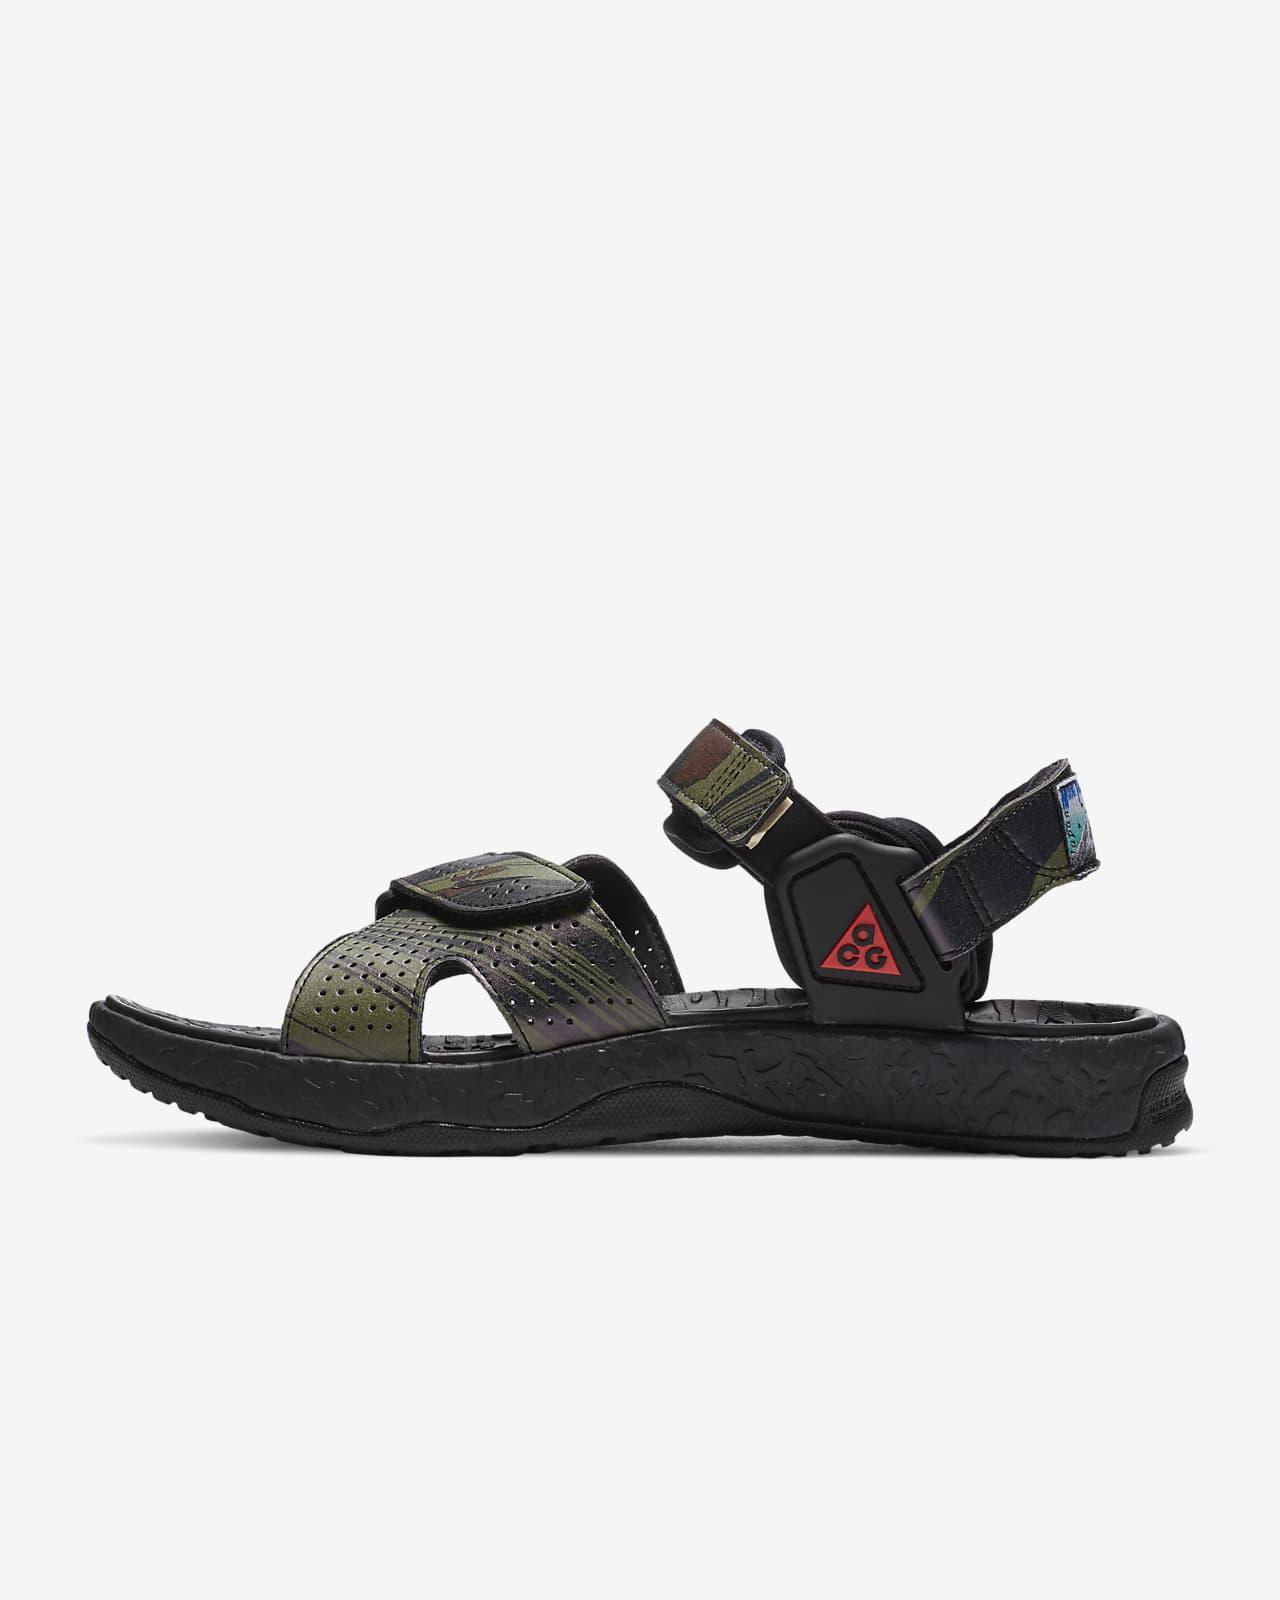 Nike ACG Deschutz Mt. Fuji 涼鞋